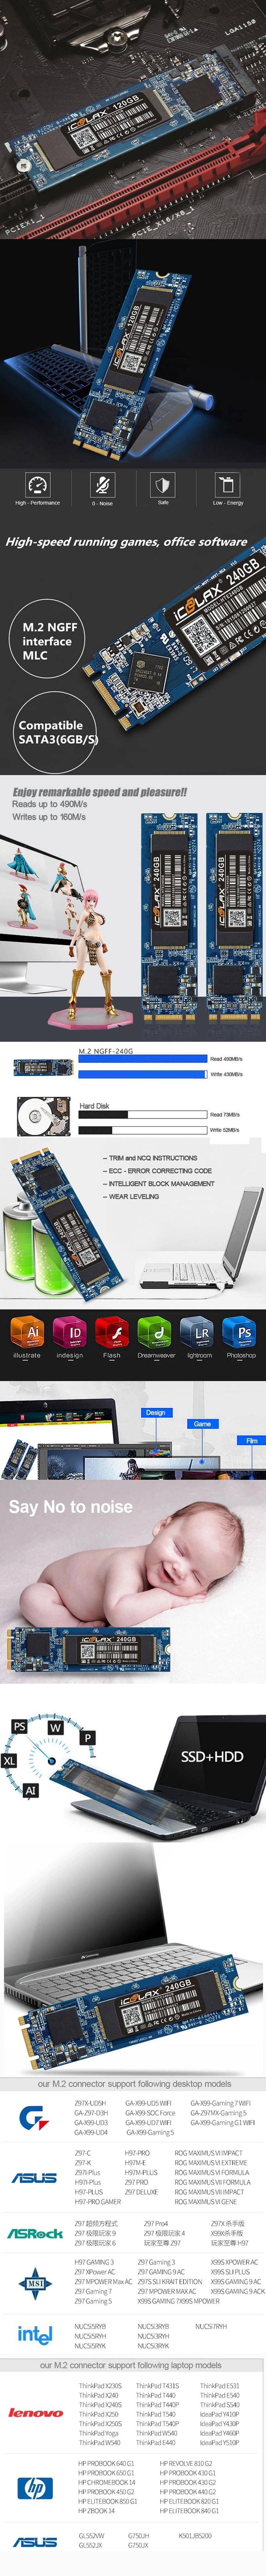 도매 고속 하드 디스크 SATA 노트북 1 테라바이트 480GB 240GB 120GB M.2 SSD